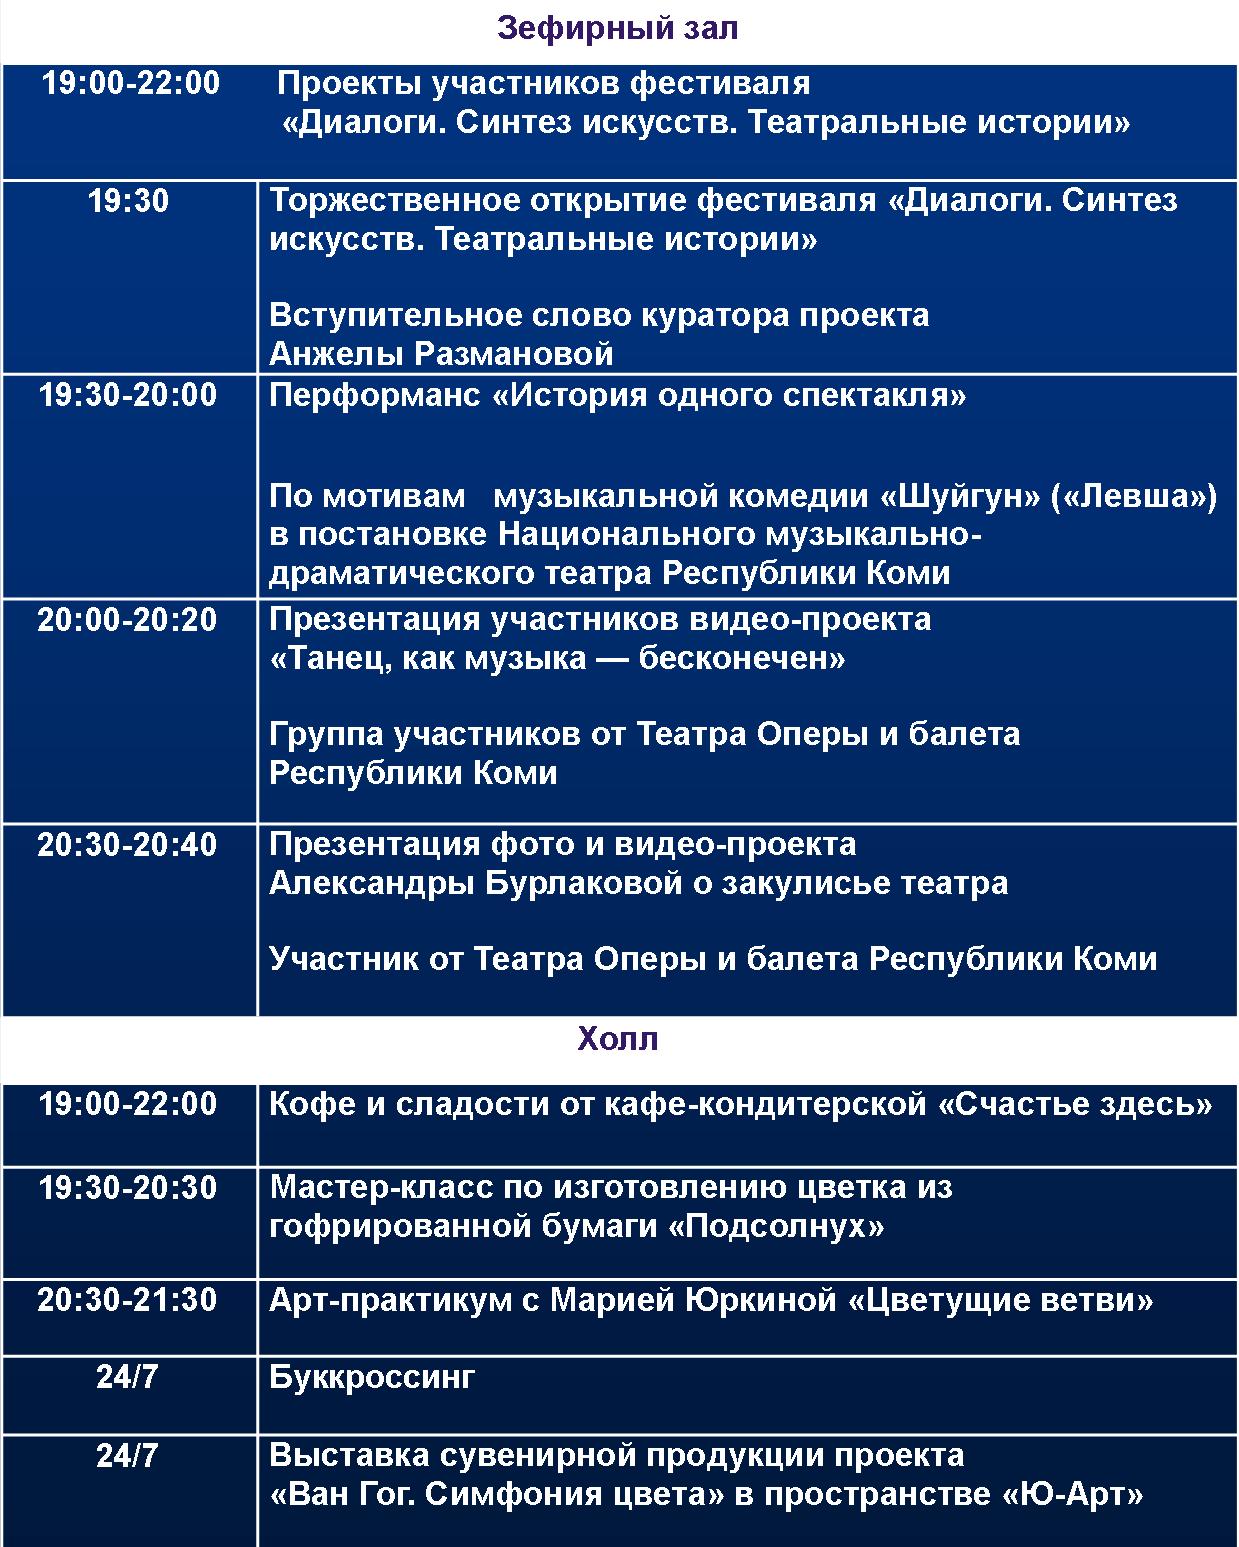 Programma-2.png